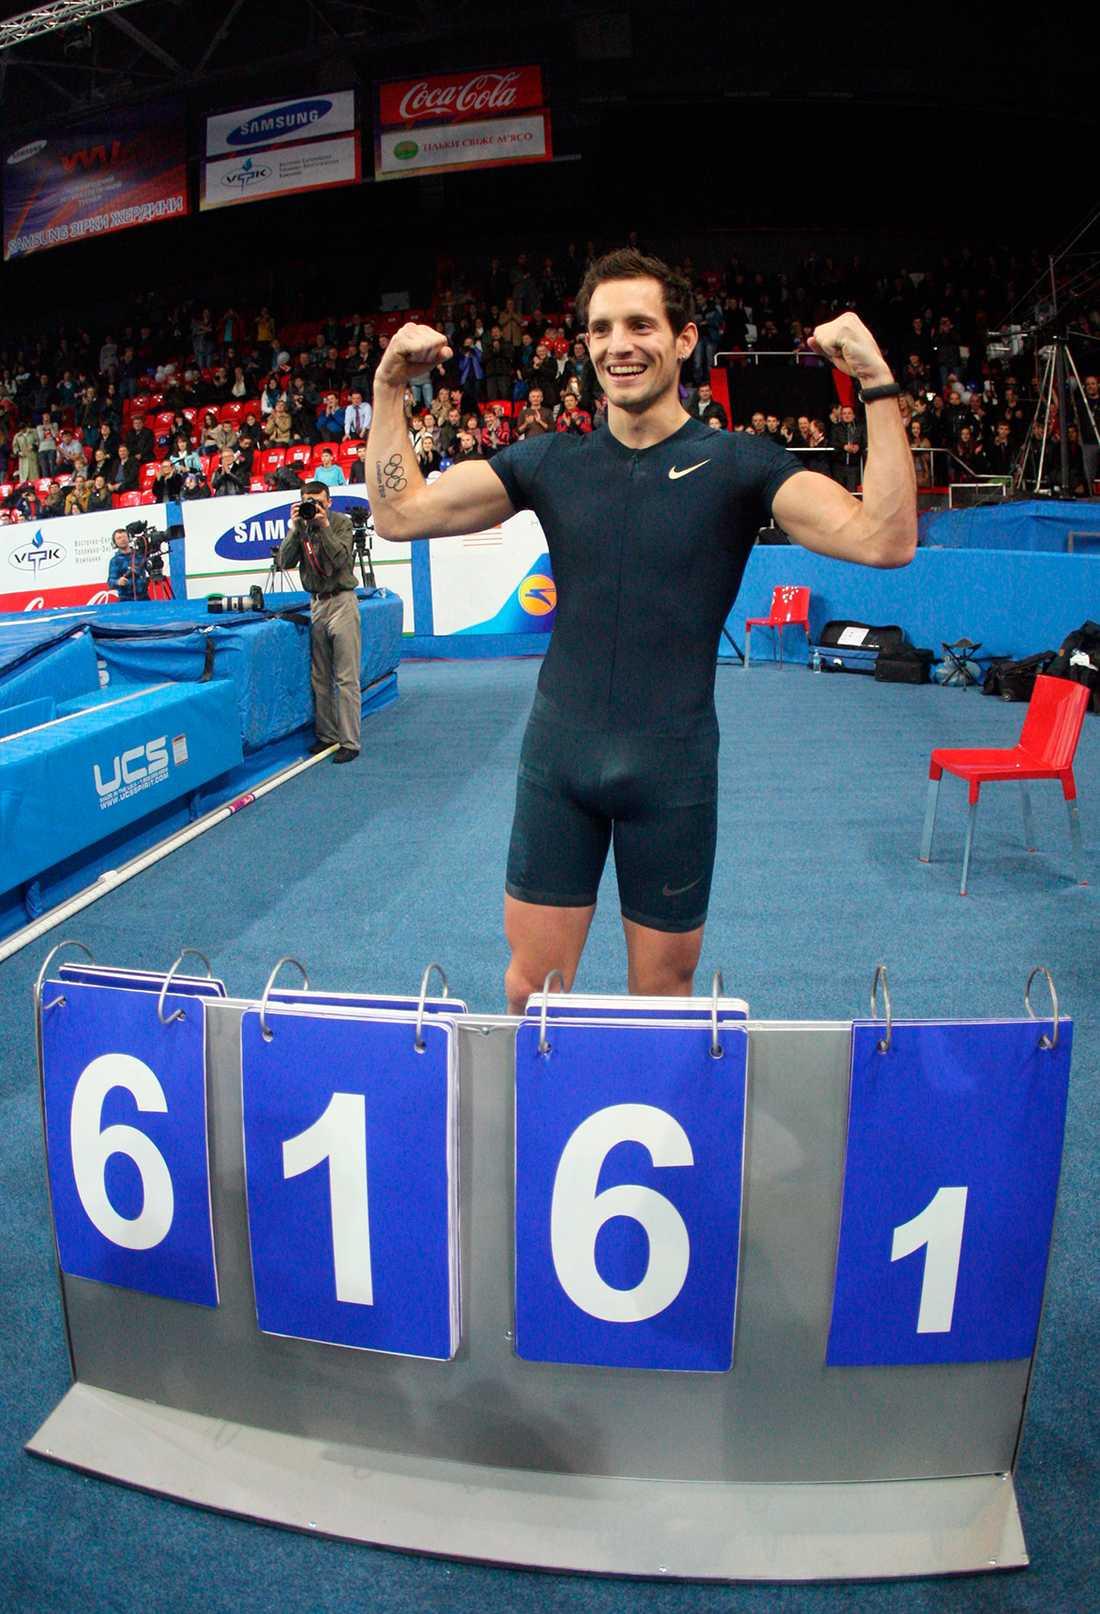 Här slår han Bubkas omöjliga världsrekord  43c4fc8889a75